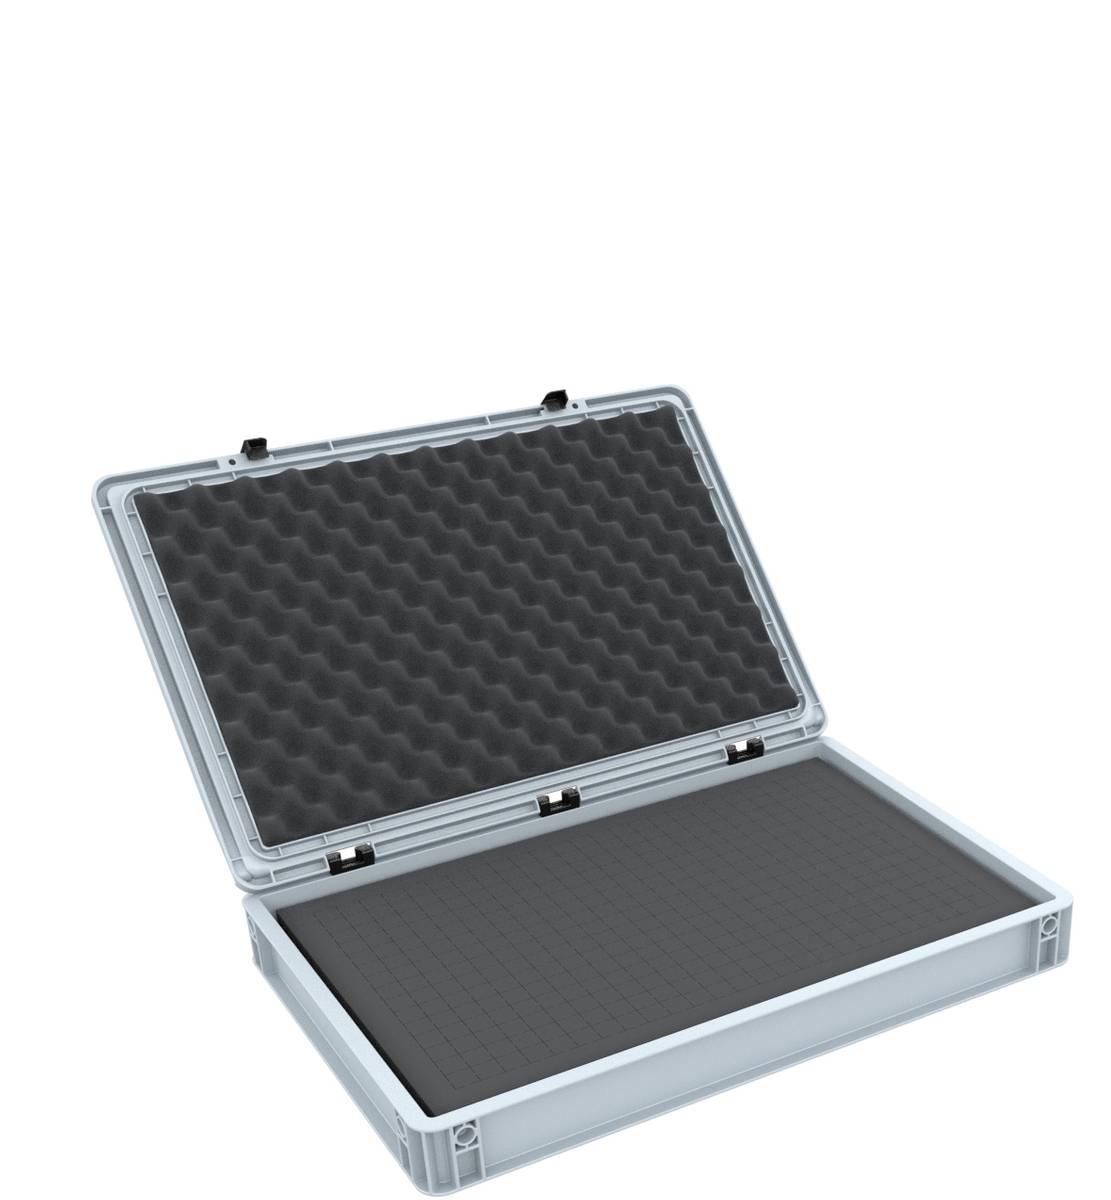 ED 64/75 HG Eurobehälter / Euro Box mit Scharnierdeckel 600 x 400 x 90 mm inklusive Rasterschaumstoff